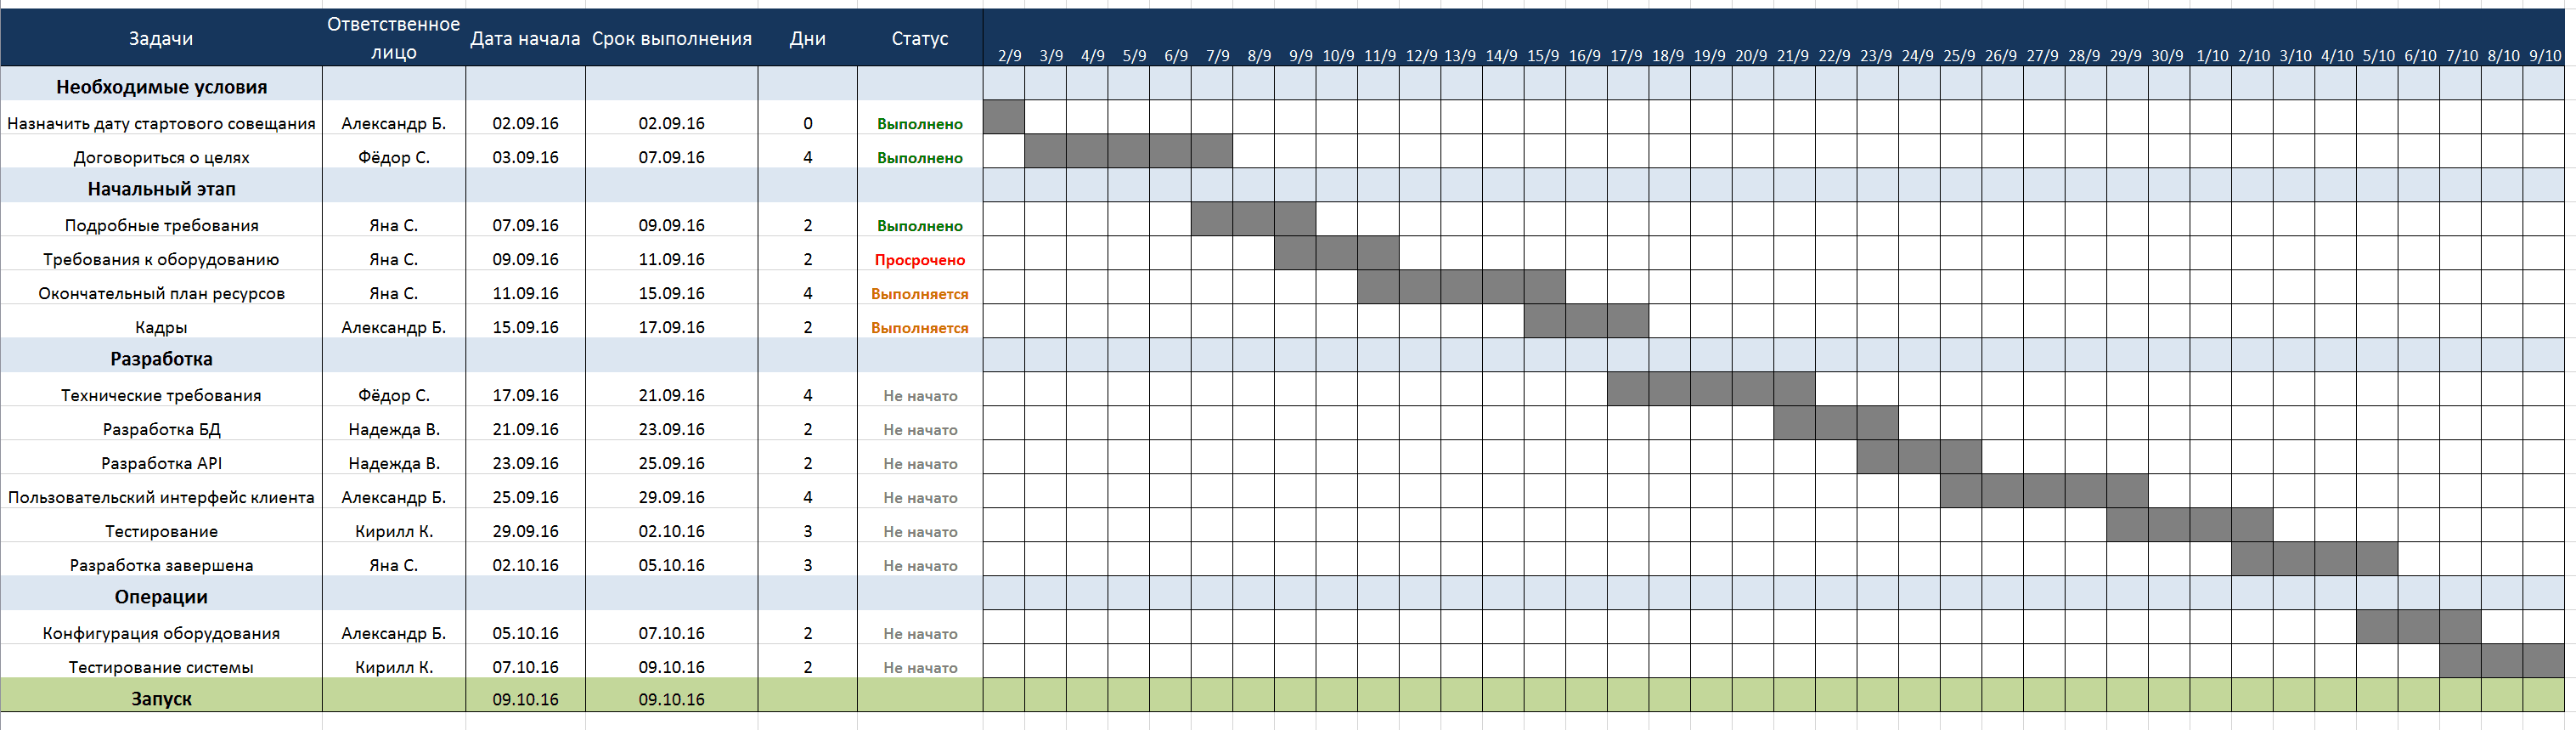 бизнес план изготовления